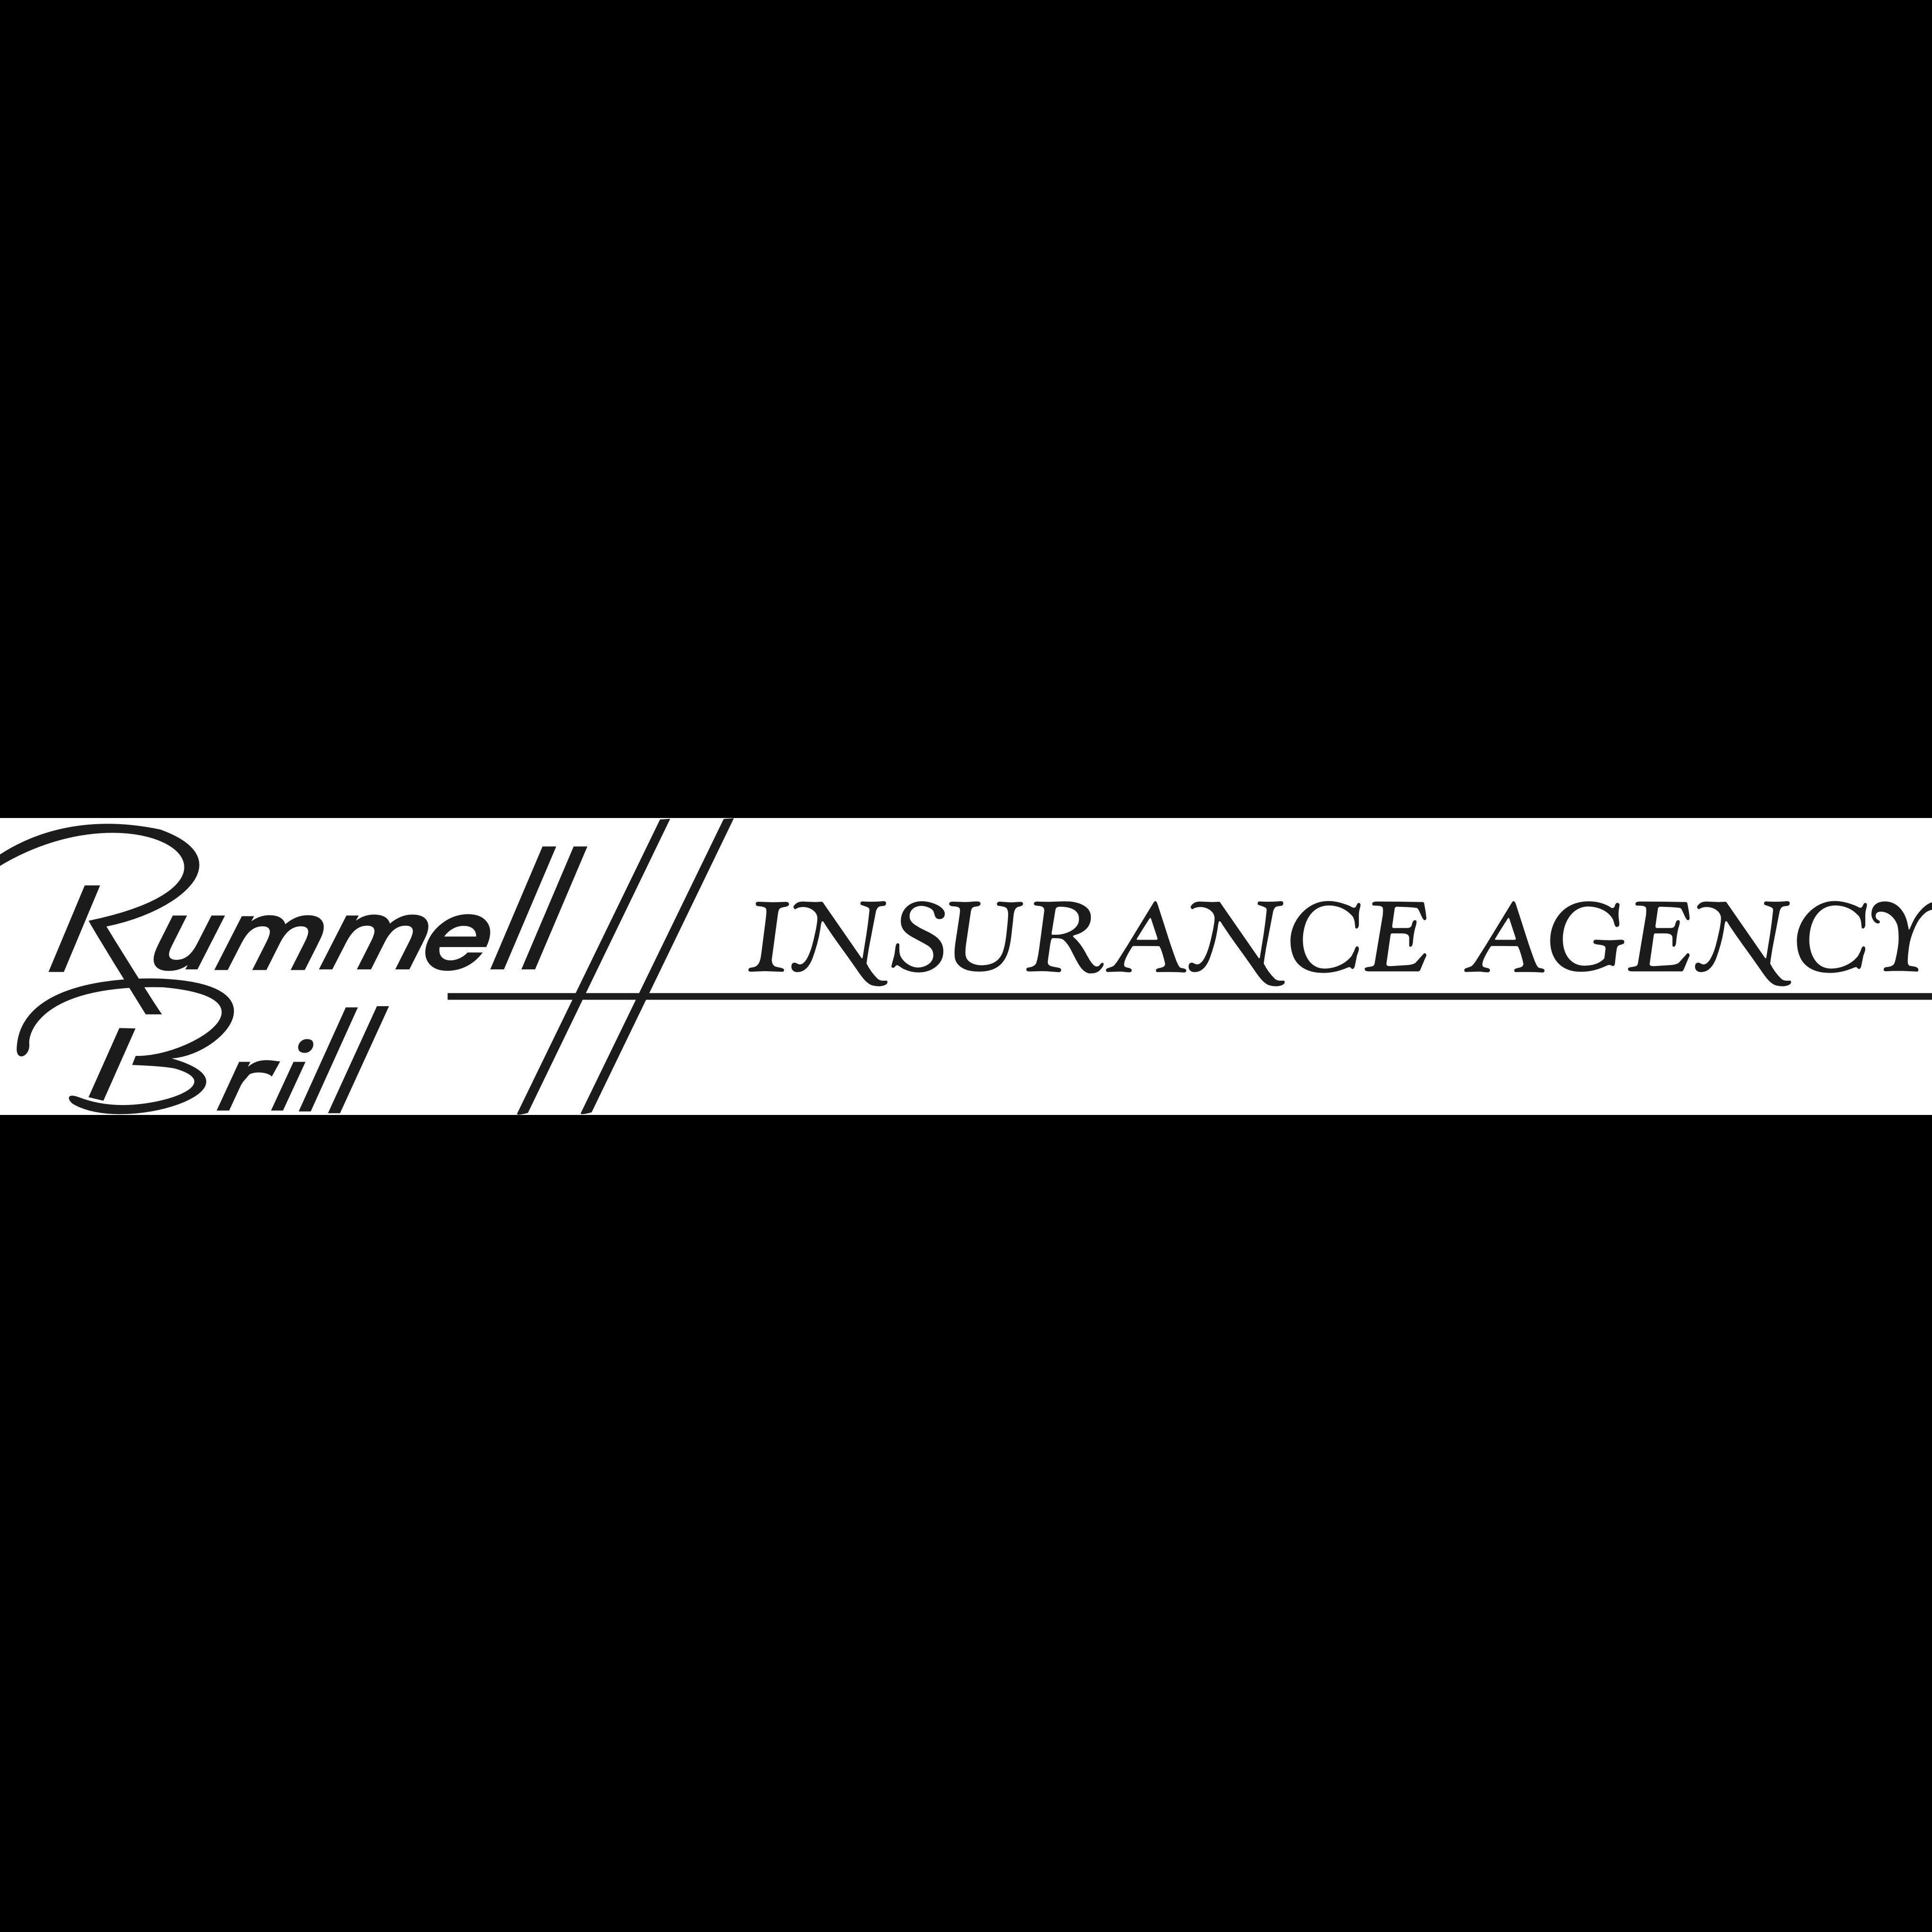 Rummell-Brill Insurance Agency